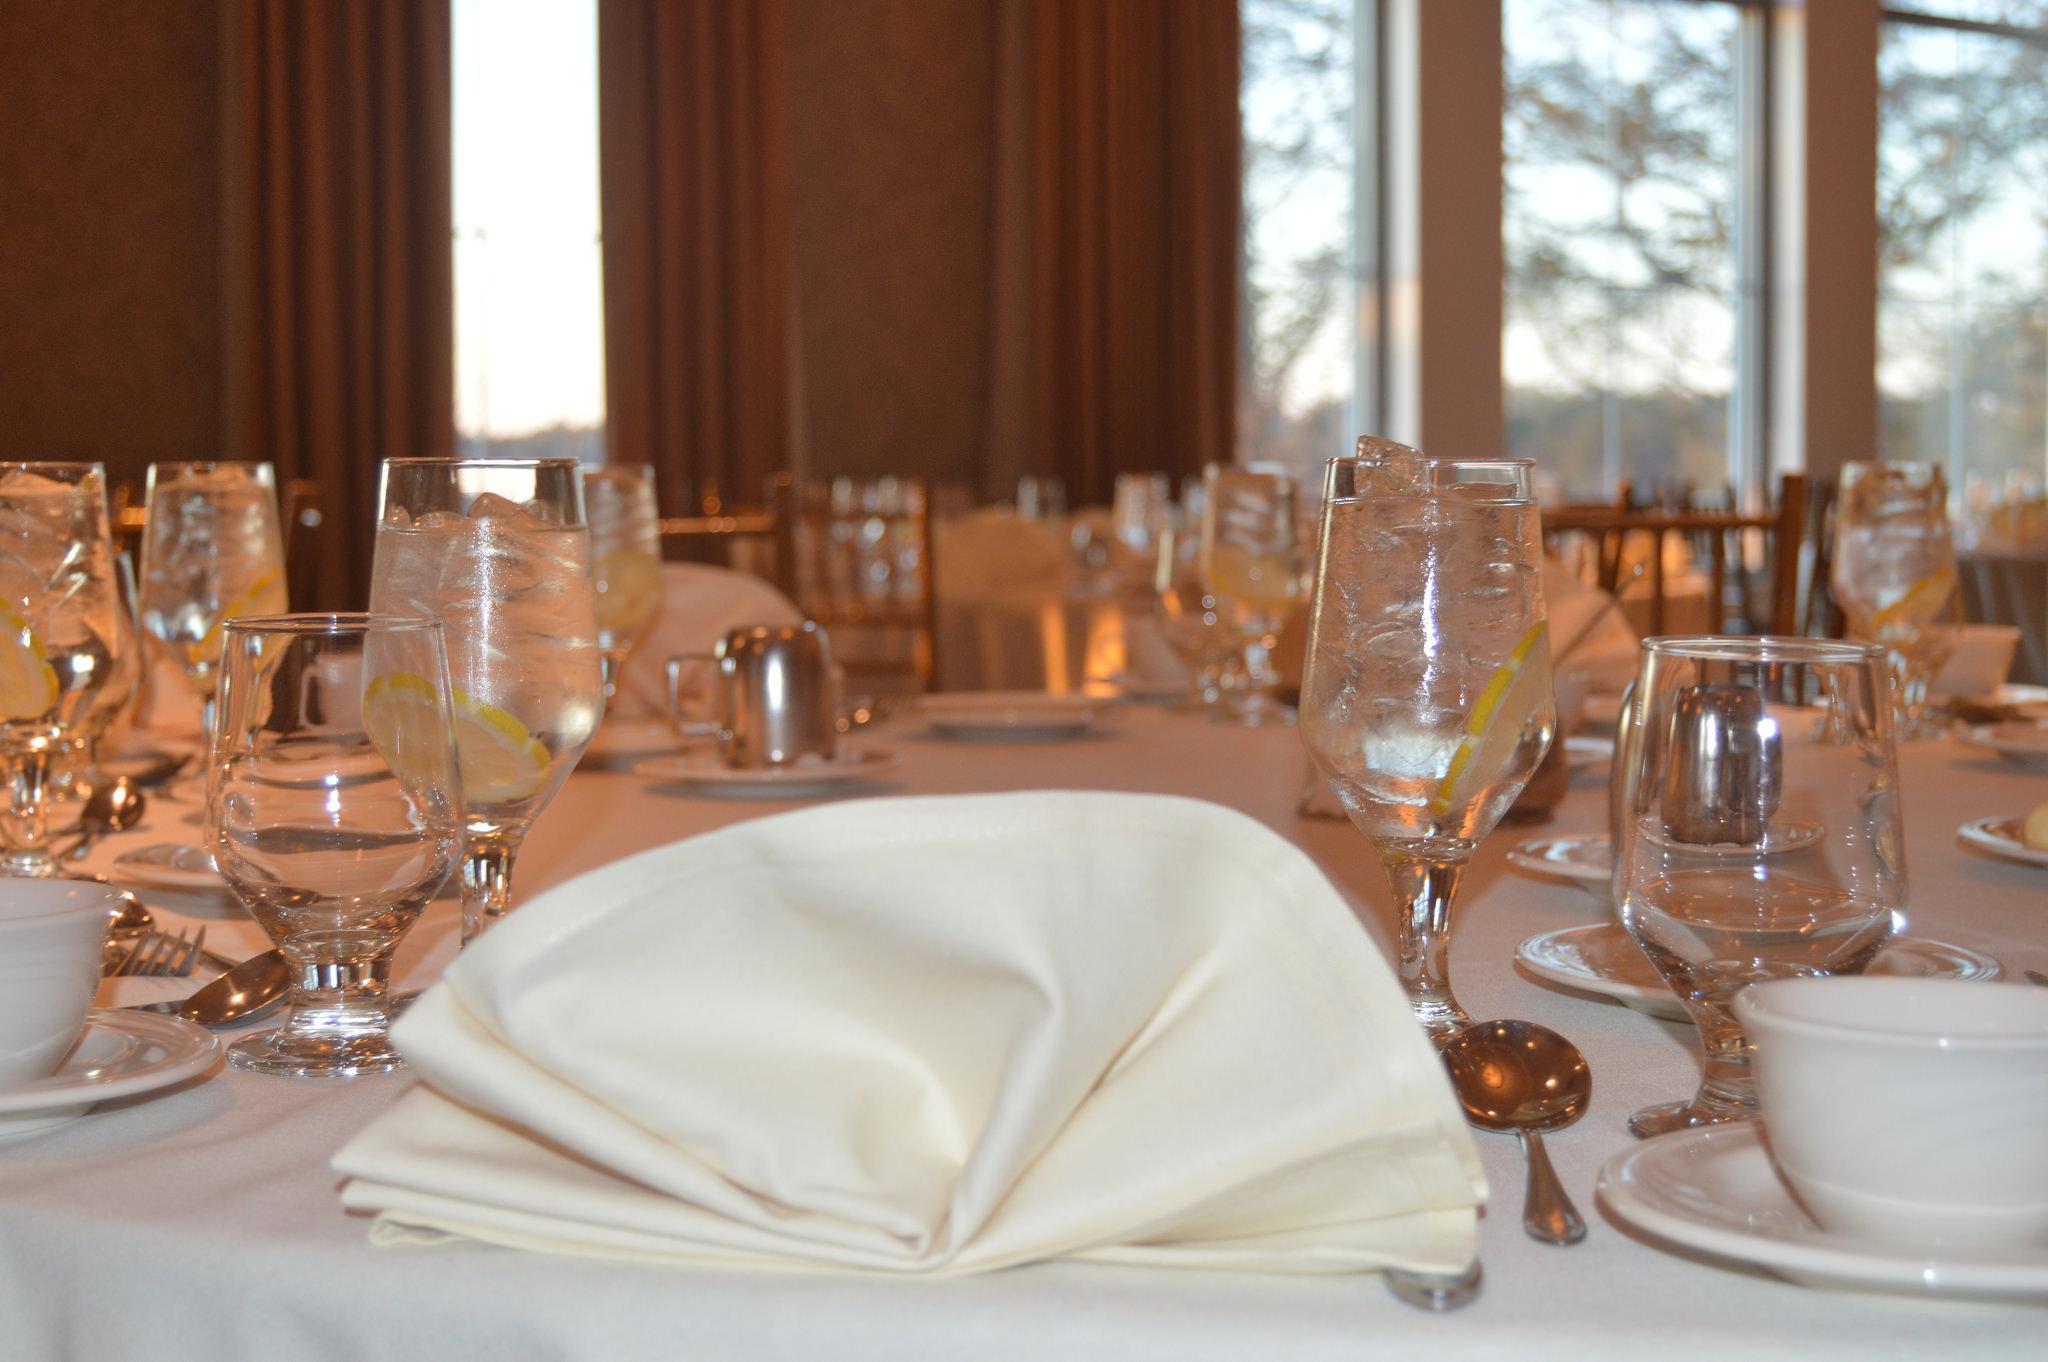 Table setting for etiquette dinner